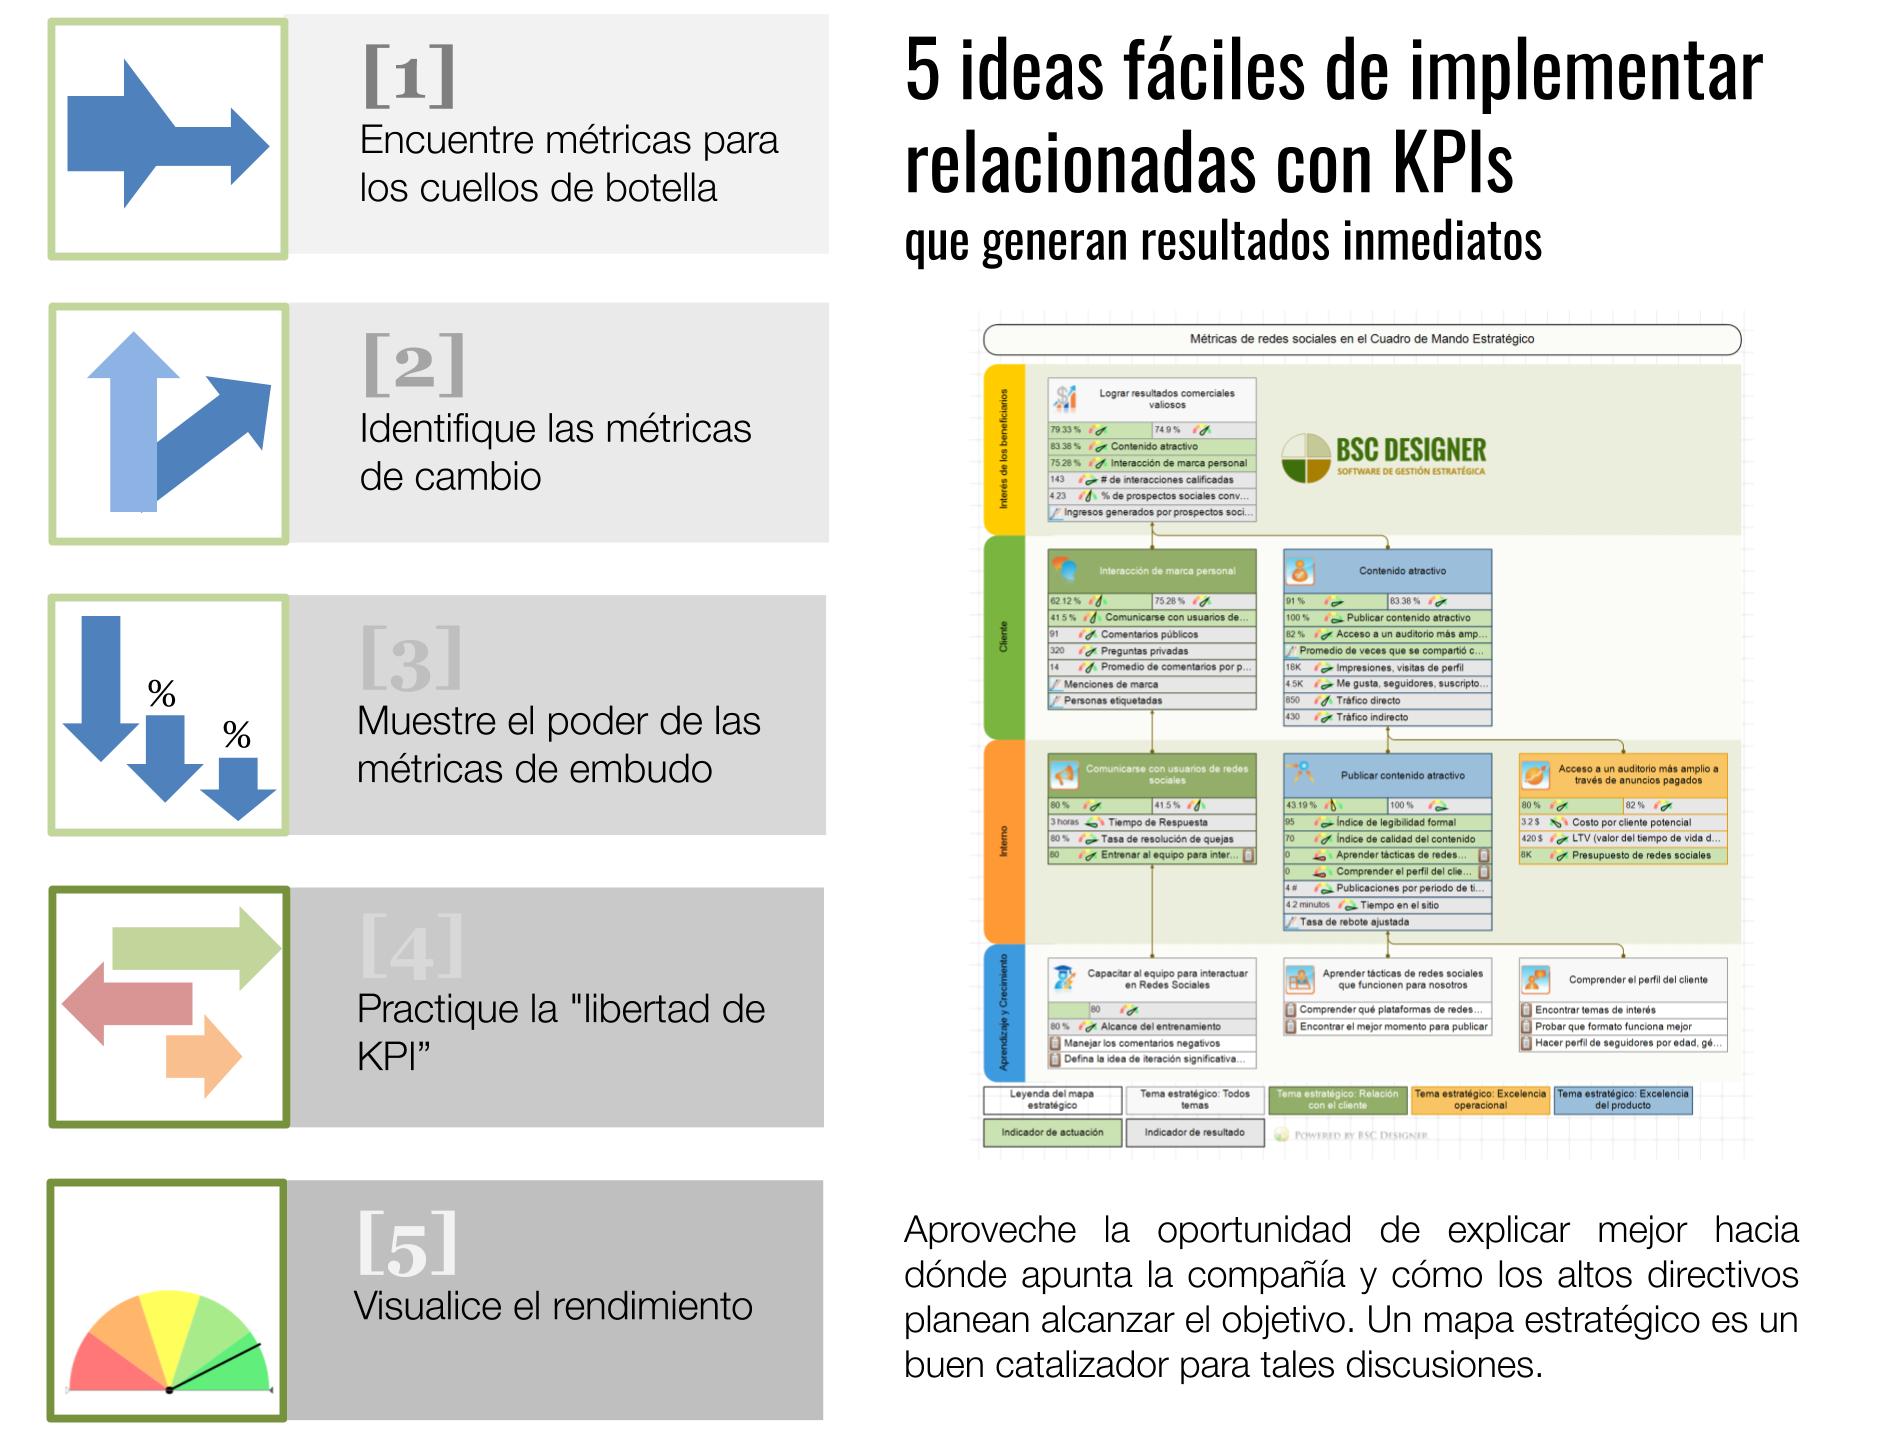 5 ideas fáciles de implementar relacionadas con KPIs que generan mejoras inmediatas